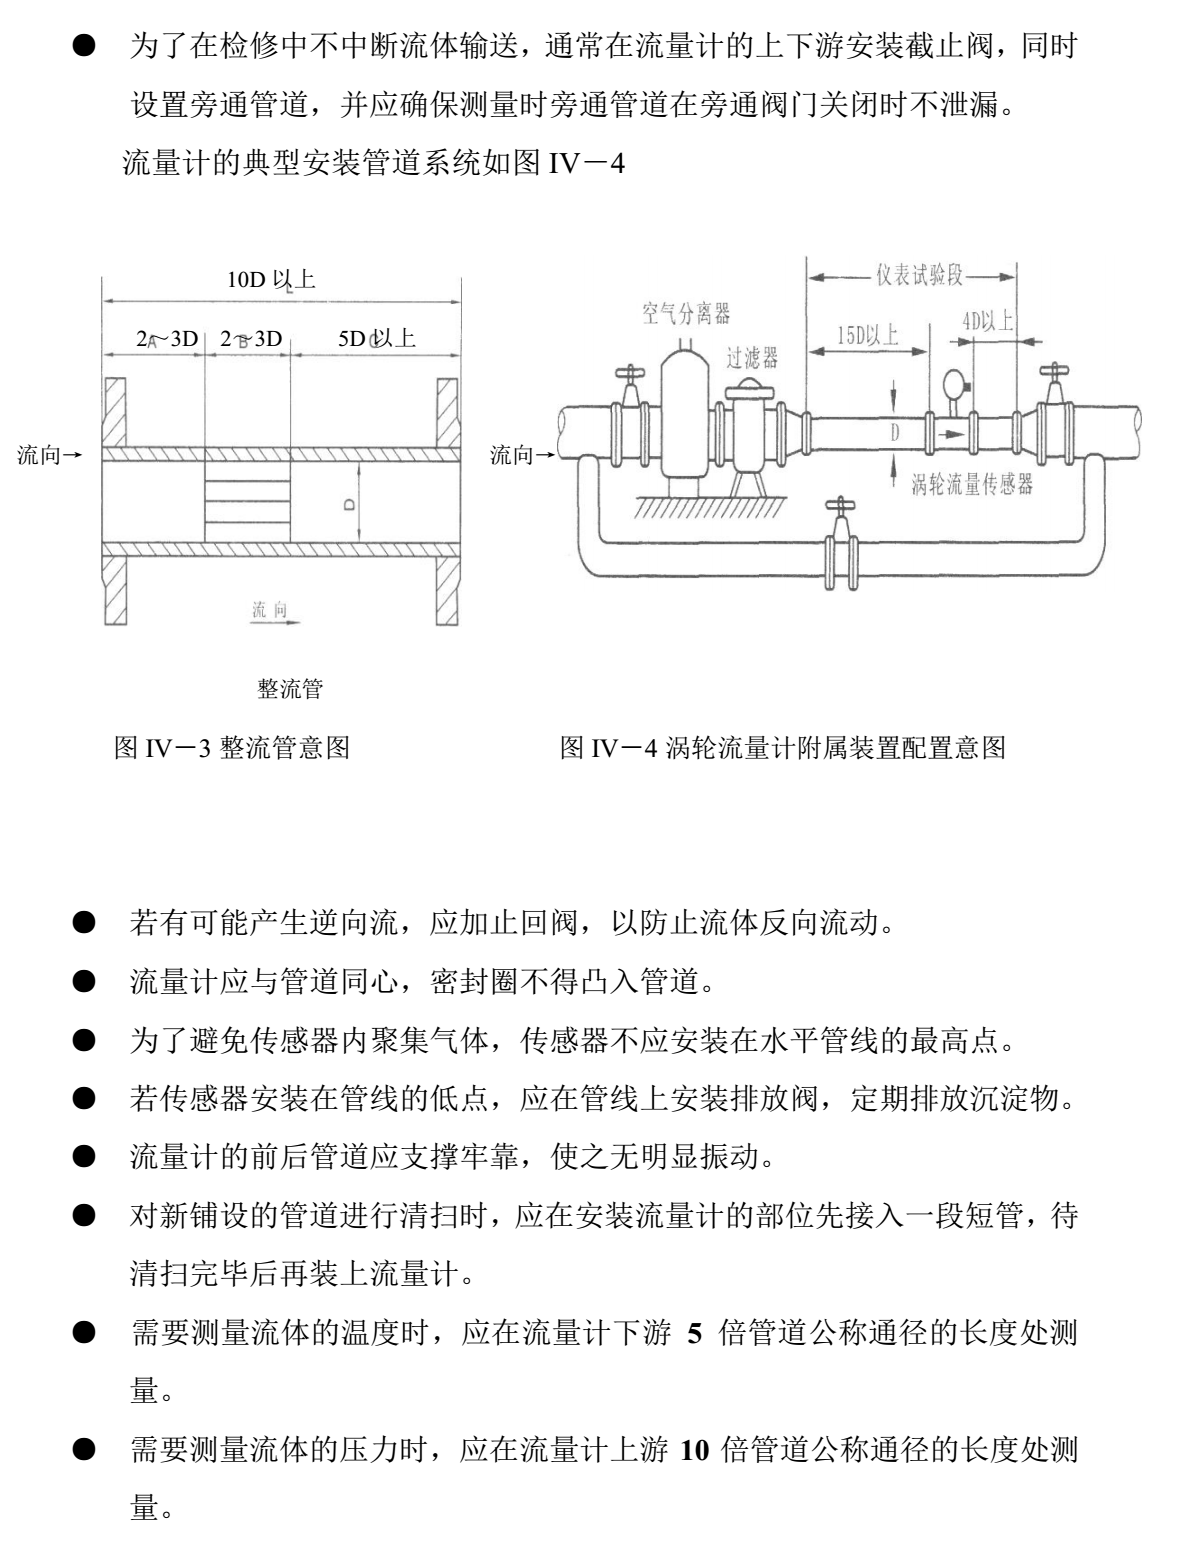 有机溶剂用涡轮流量计管道安装3